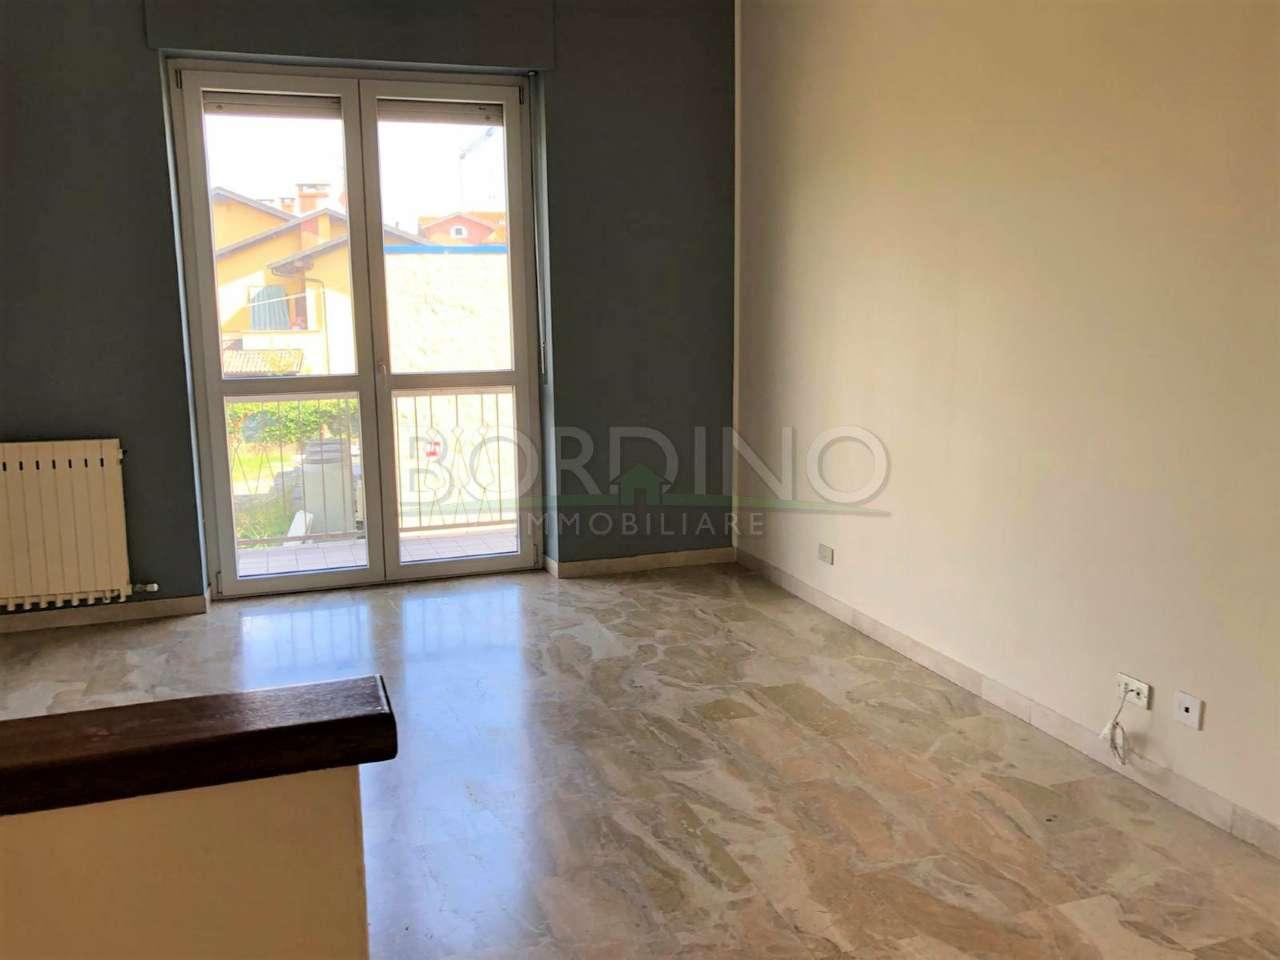 Appartamento in affitto a Guarene, 4 locali, prezzo € 500 | PortaleAgenzieImmobiliari.it